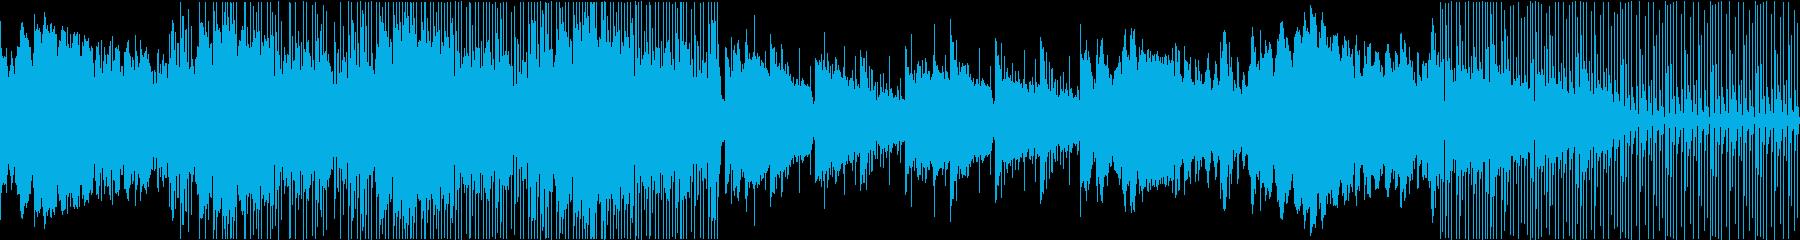 不思議 ガムラン 南国 ファンタジーの再生済みの波形